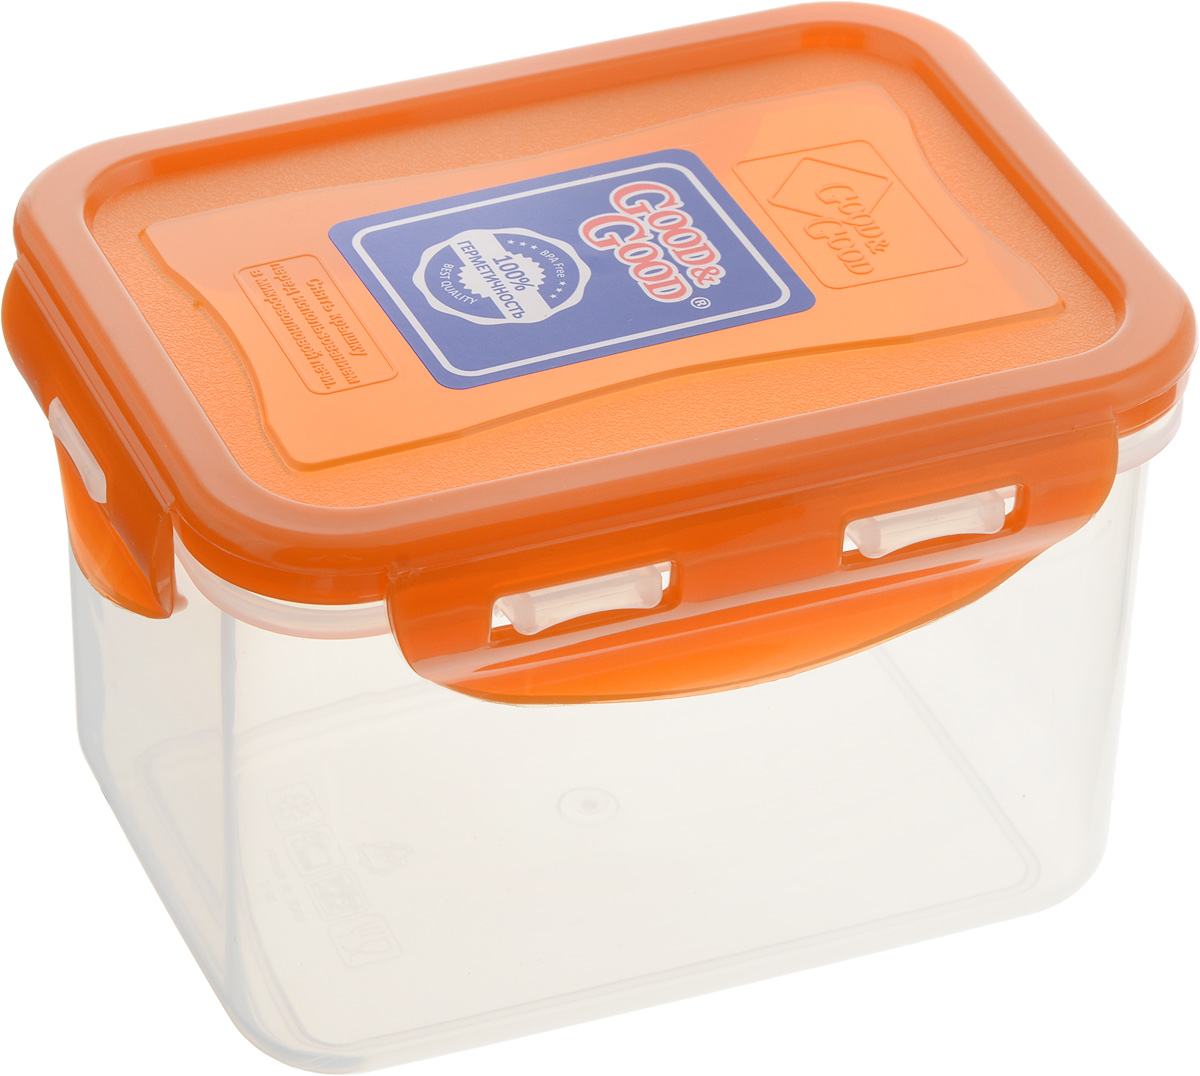 """Прямоугольный контейнер """"Good&Good"""" изготовлен из  высококачественного полипропилена и предназначен для  хранения любых пищевых продуктов. Благодаря особым  технологиям изготовления, лотки в течение времени  службы не меняют цвет и не пропитываются запахами. Крышка  с силиконовой вставкой герметично защелкивается  специальным механизмом.  Контейнер """"Good&Good"""" удобен для ежедневного  использования в быту. Можно мыть в посудомоечной машине и использовать в  микроволновой печи. Размер контейнера (с учетом крышки): 13 х 10 х 8,5 см."""